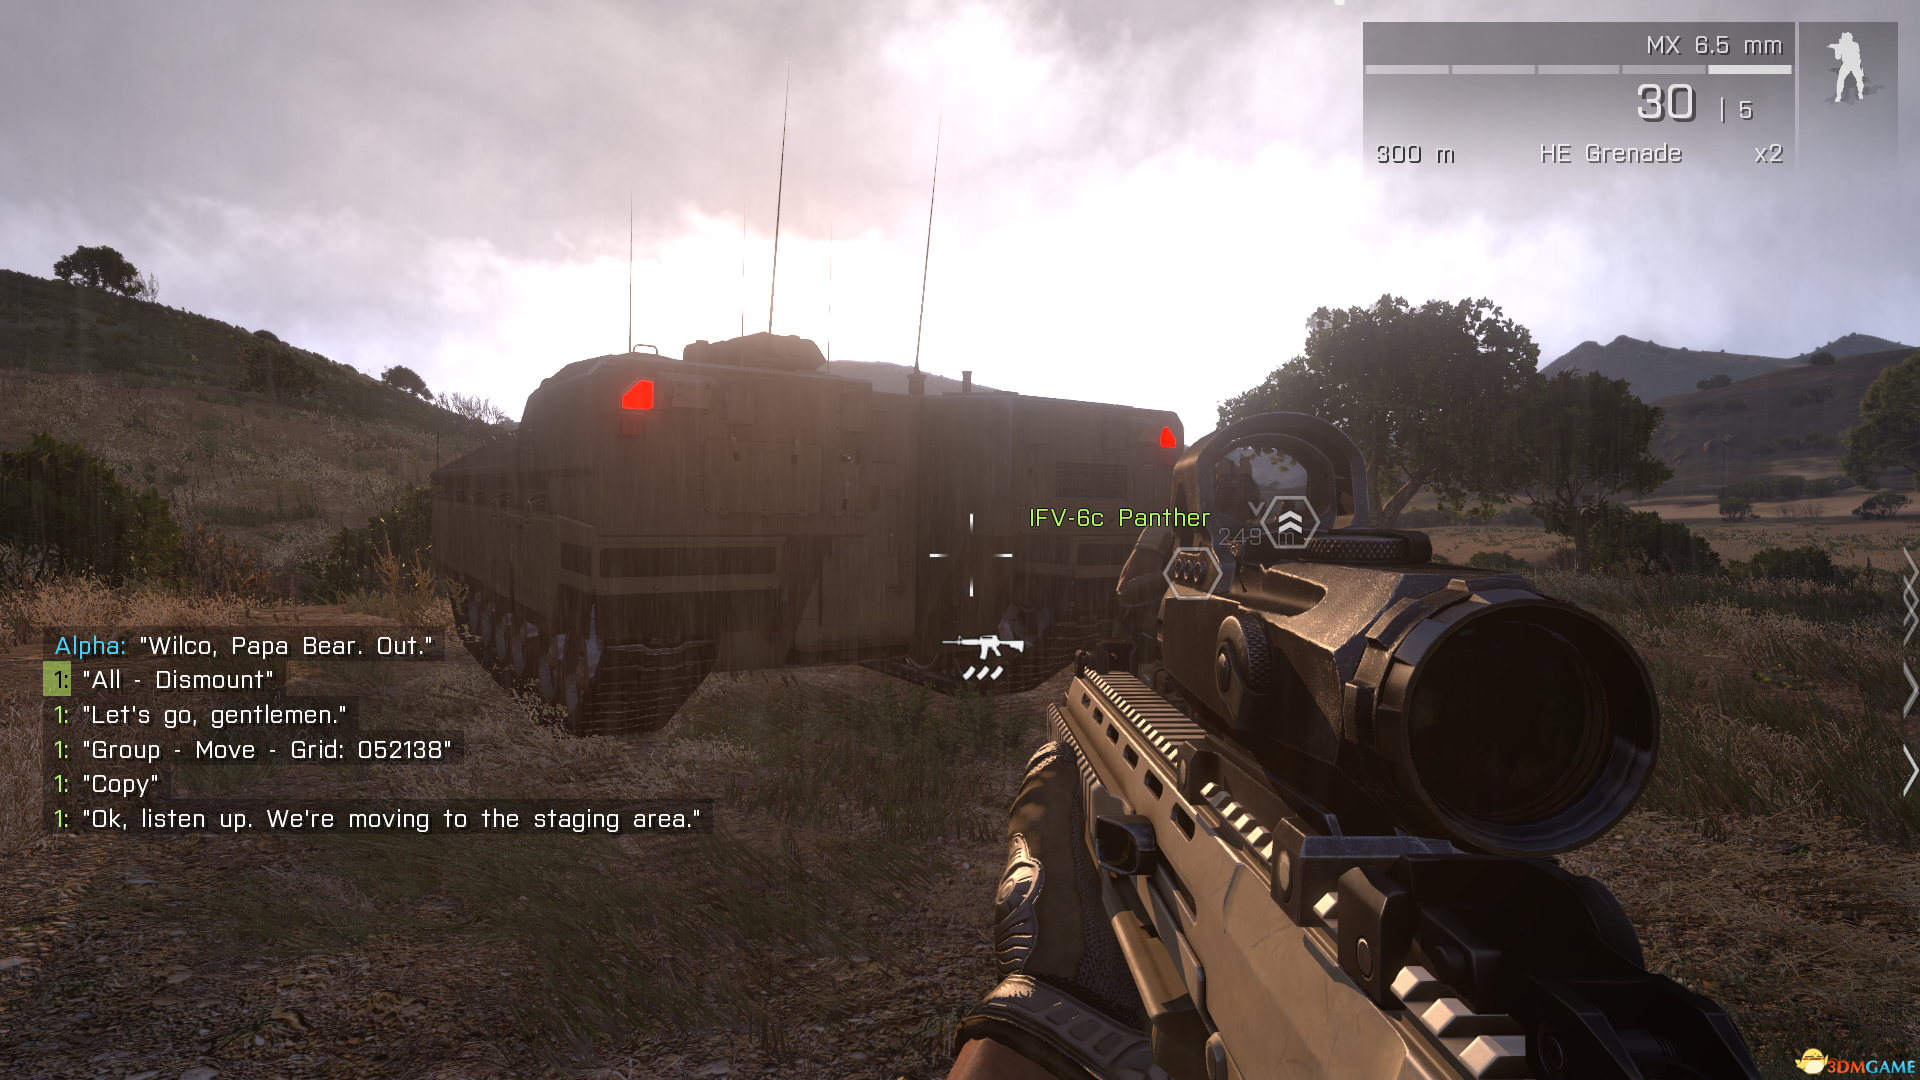 武装突袭3 正式版游戏截图抢先分享